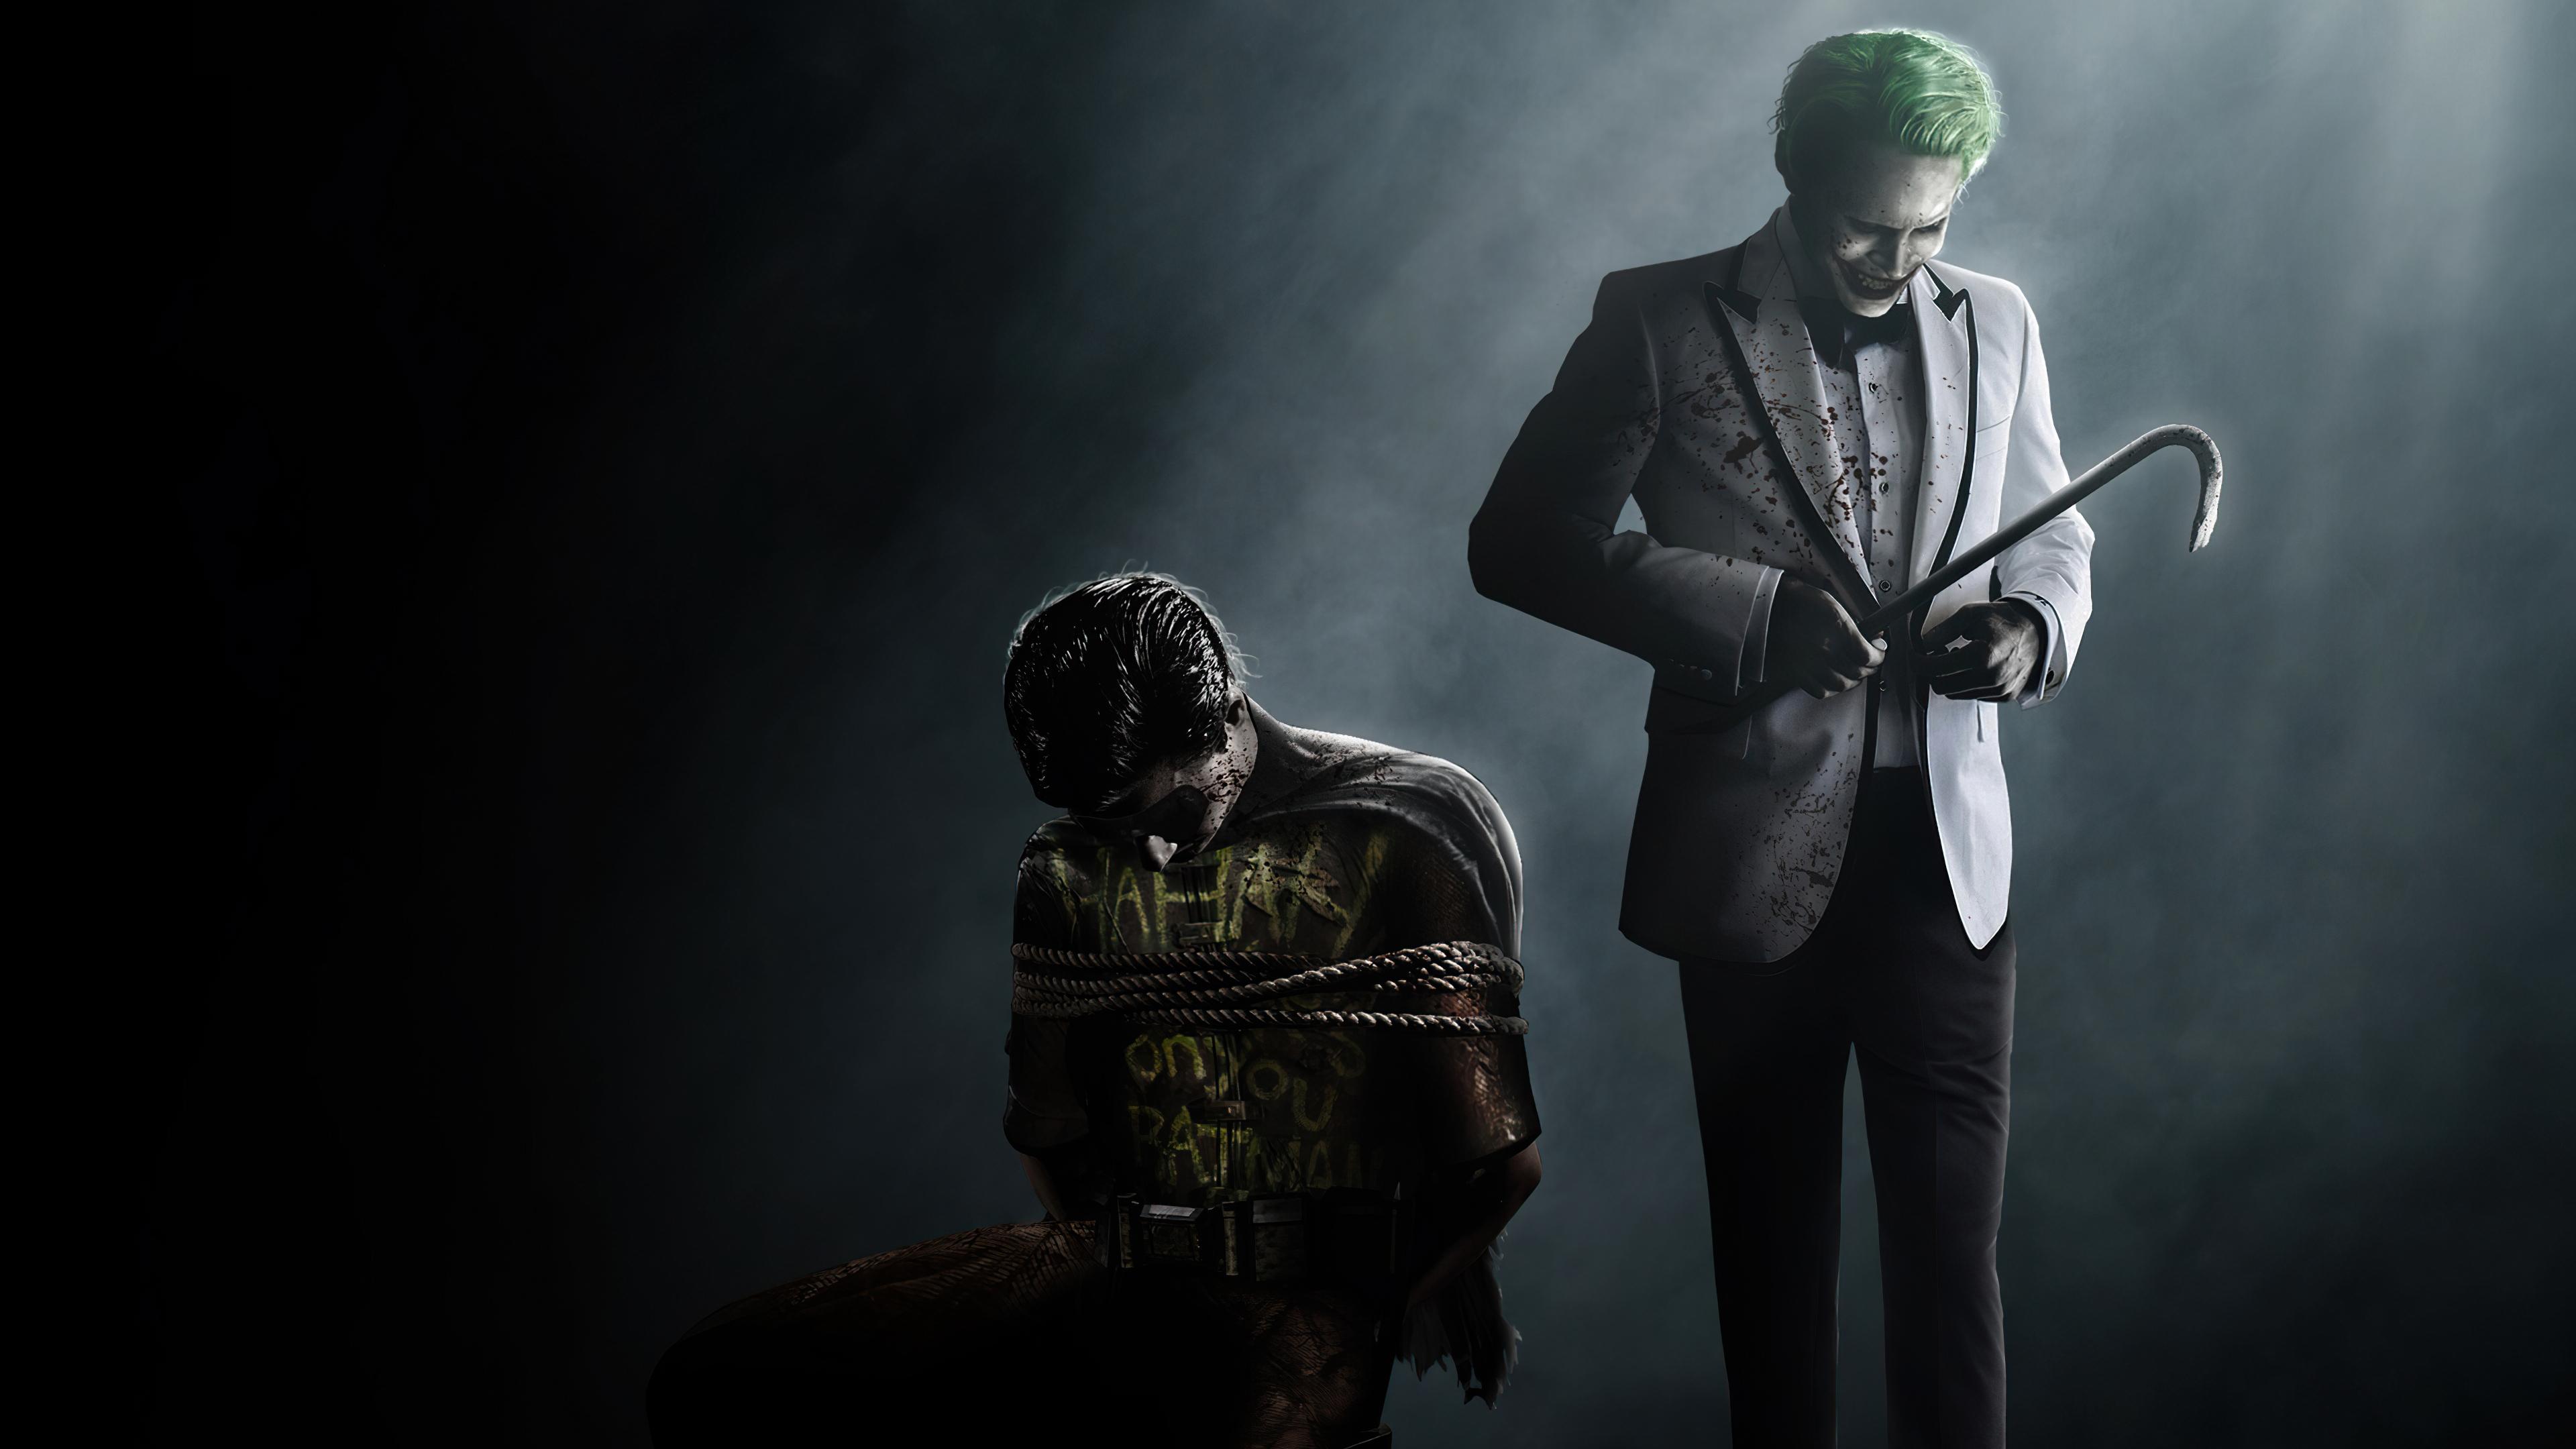 joker kidnap robin 4k 1619216467 - Joker Kidnap Robin 4k - Joker Kidnap Robin 4k wallpapers